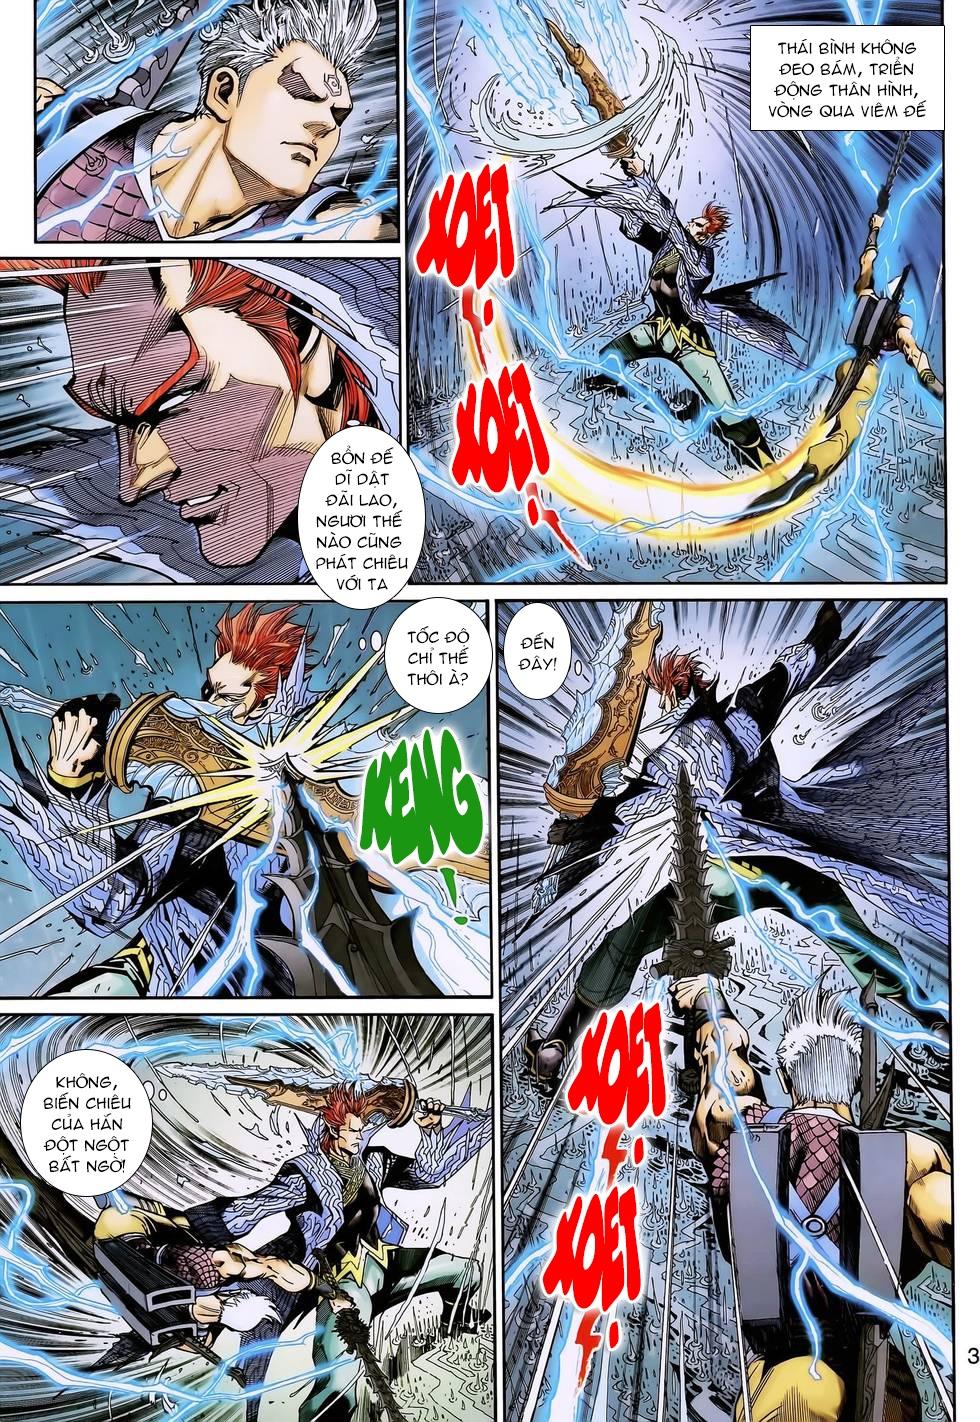 Thần binh huyền kỳ 3 - 3.5 tập 146 - 2